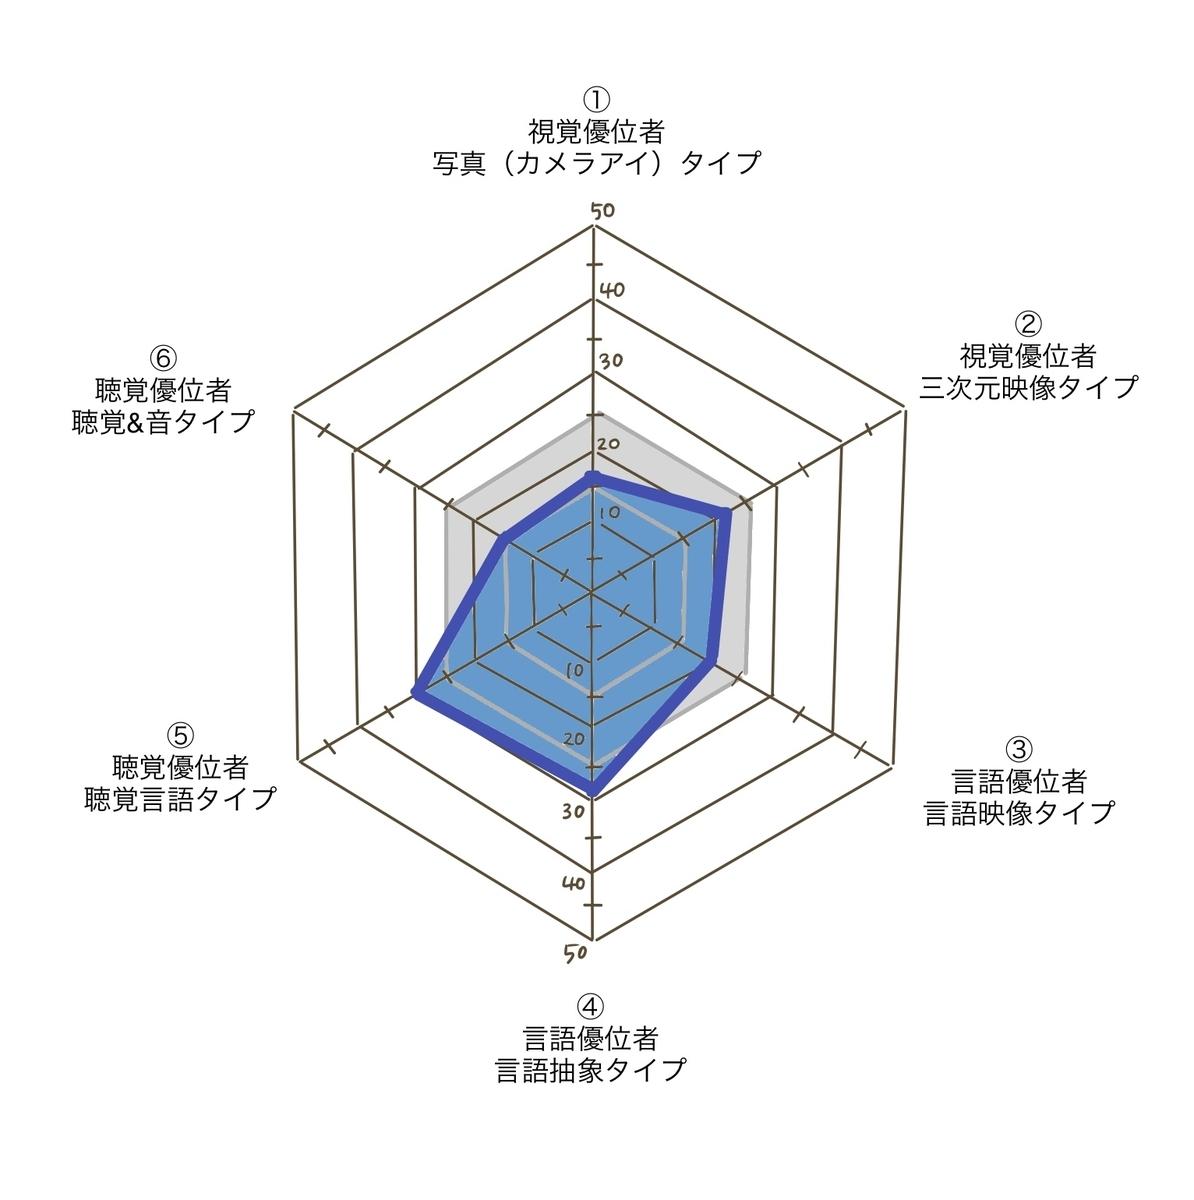 f:id:hirozacchi:20190325220712j:plain